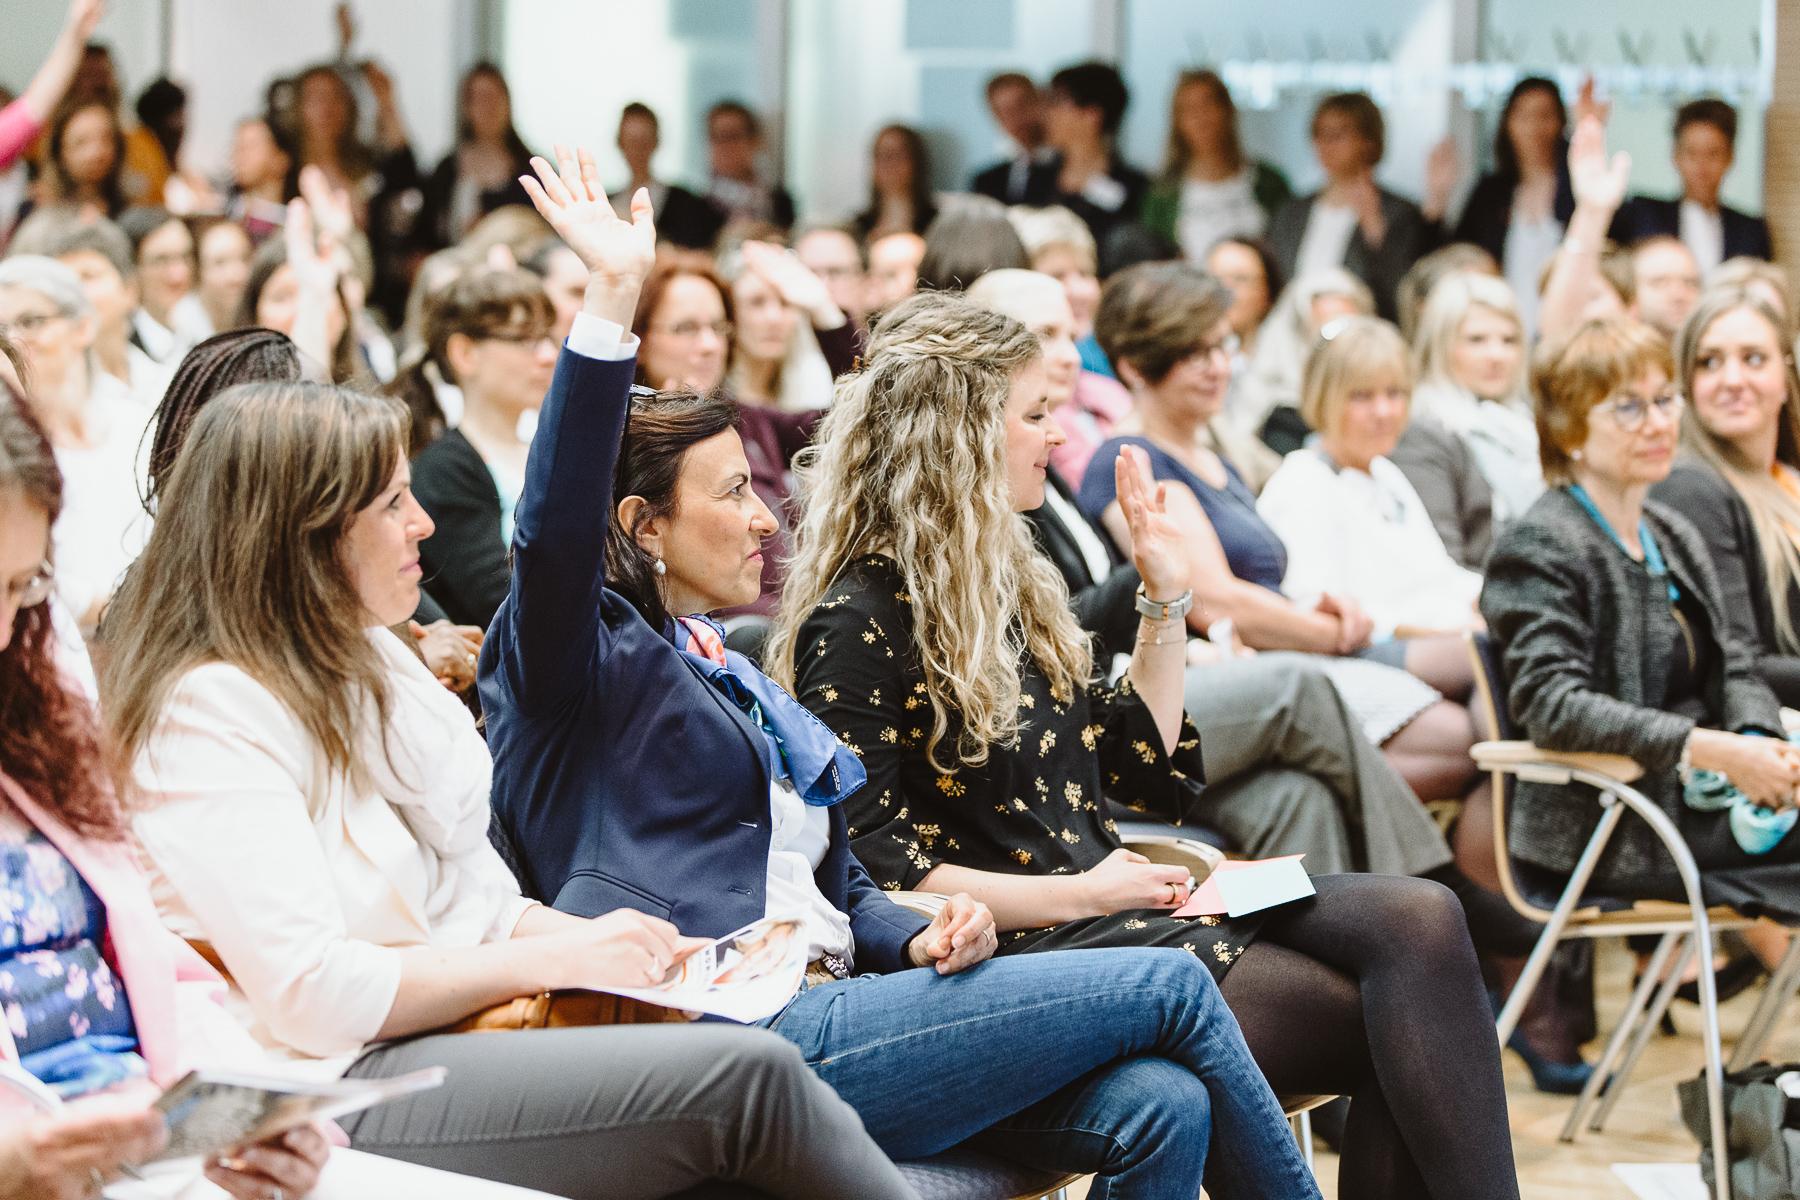 Kongressfotografie - women&work - interessante Vorträge mit vielen Frauen